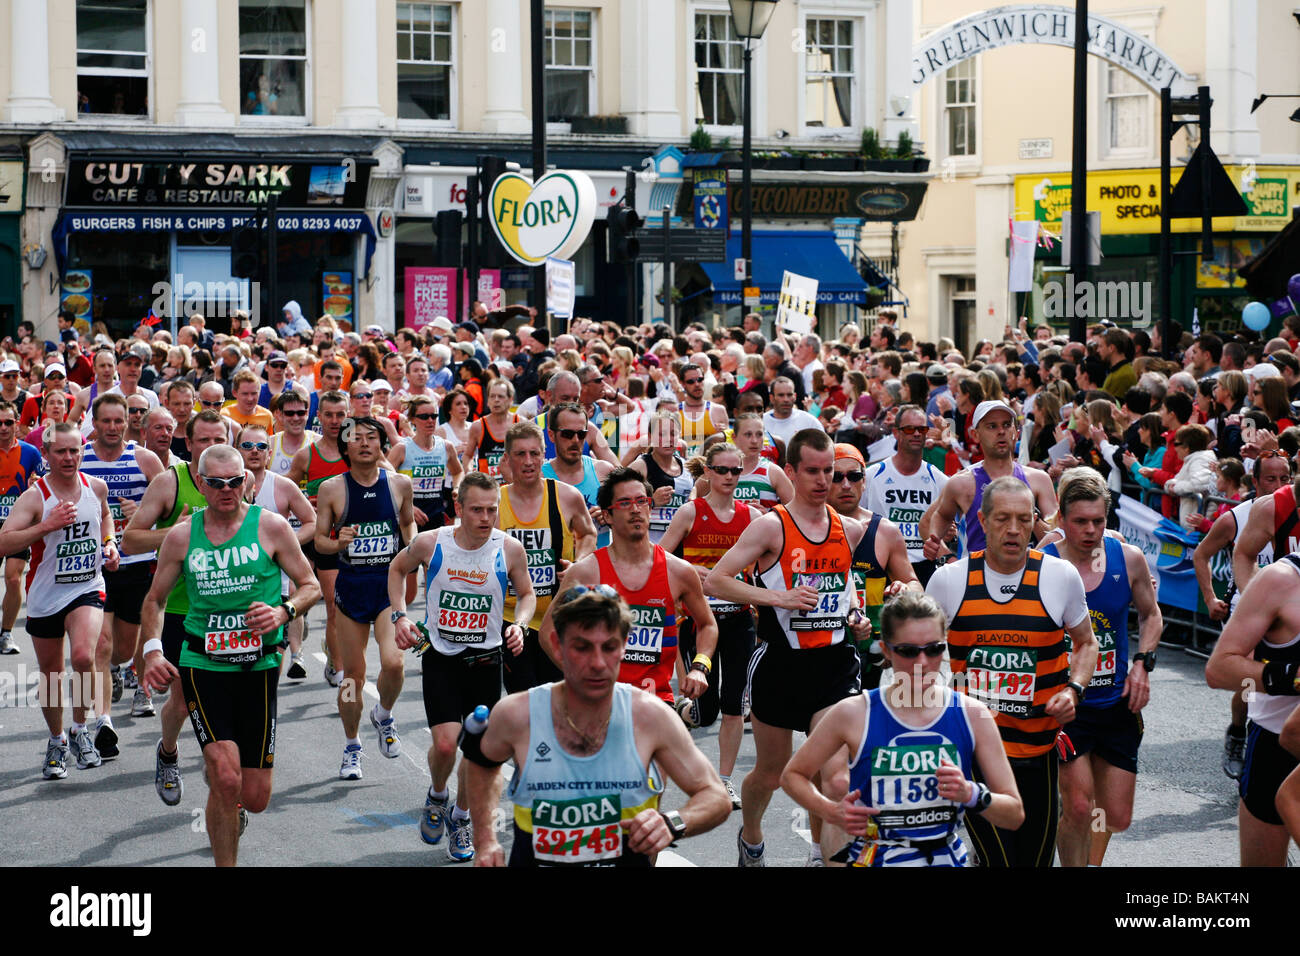 Le Marathon de Londres 2009 à Greenwich. Photo Stock